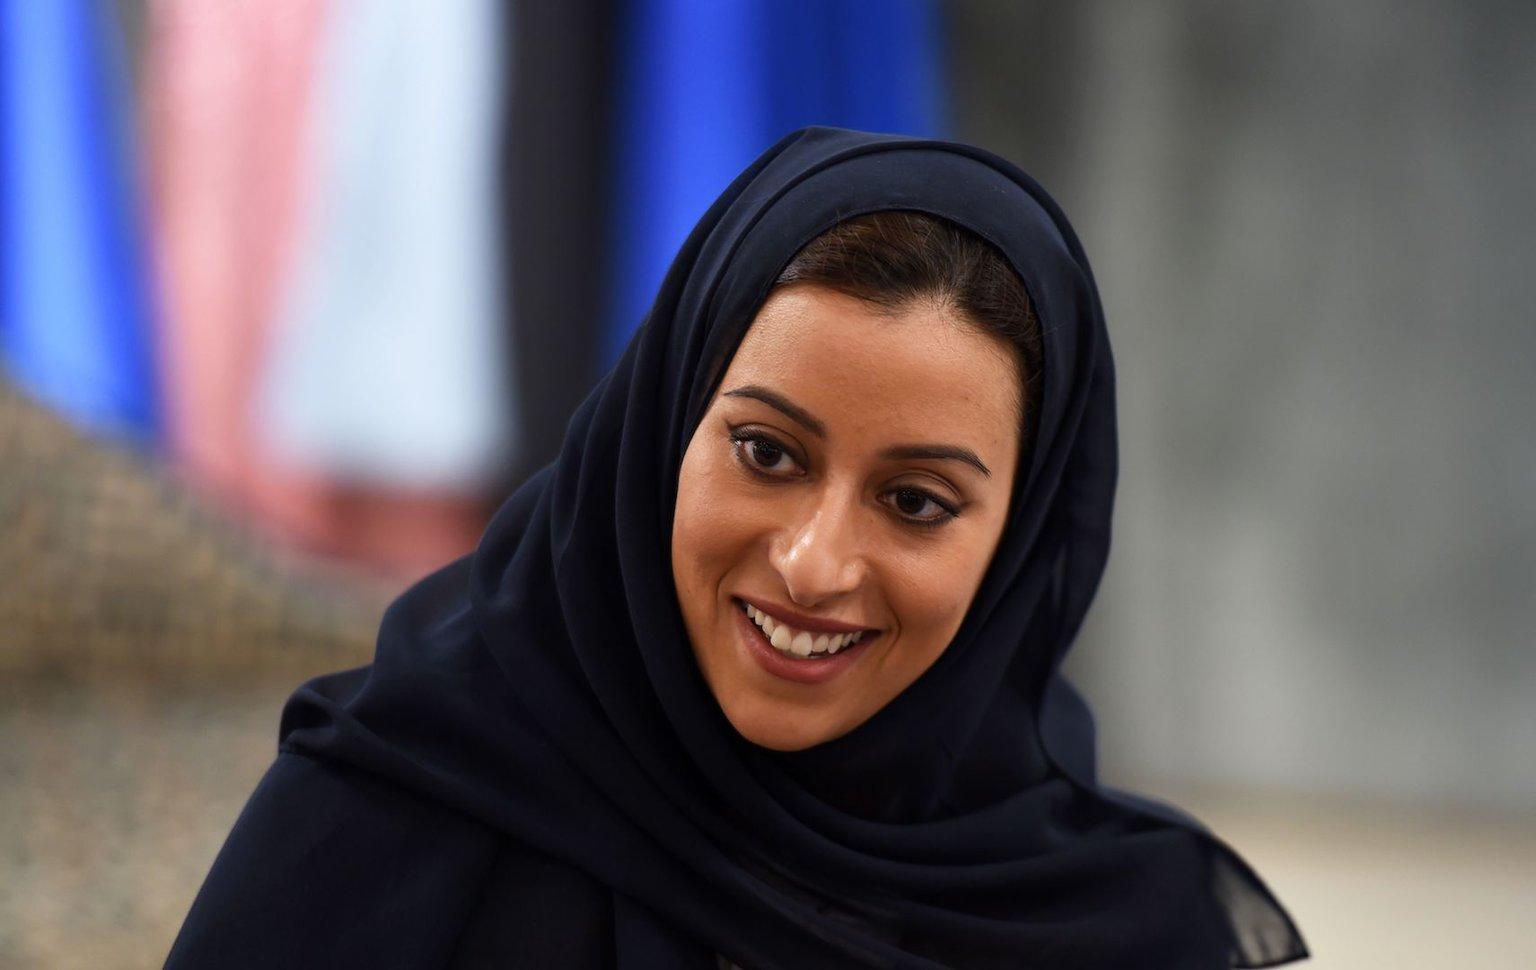 وضعیت بغرنج شاهدختهای جهان عرب با انتخاب اولین سفیر زن در عربستان [قسمت اول]